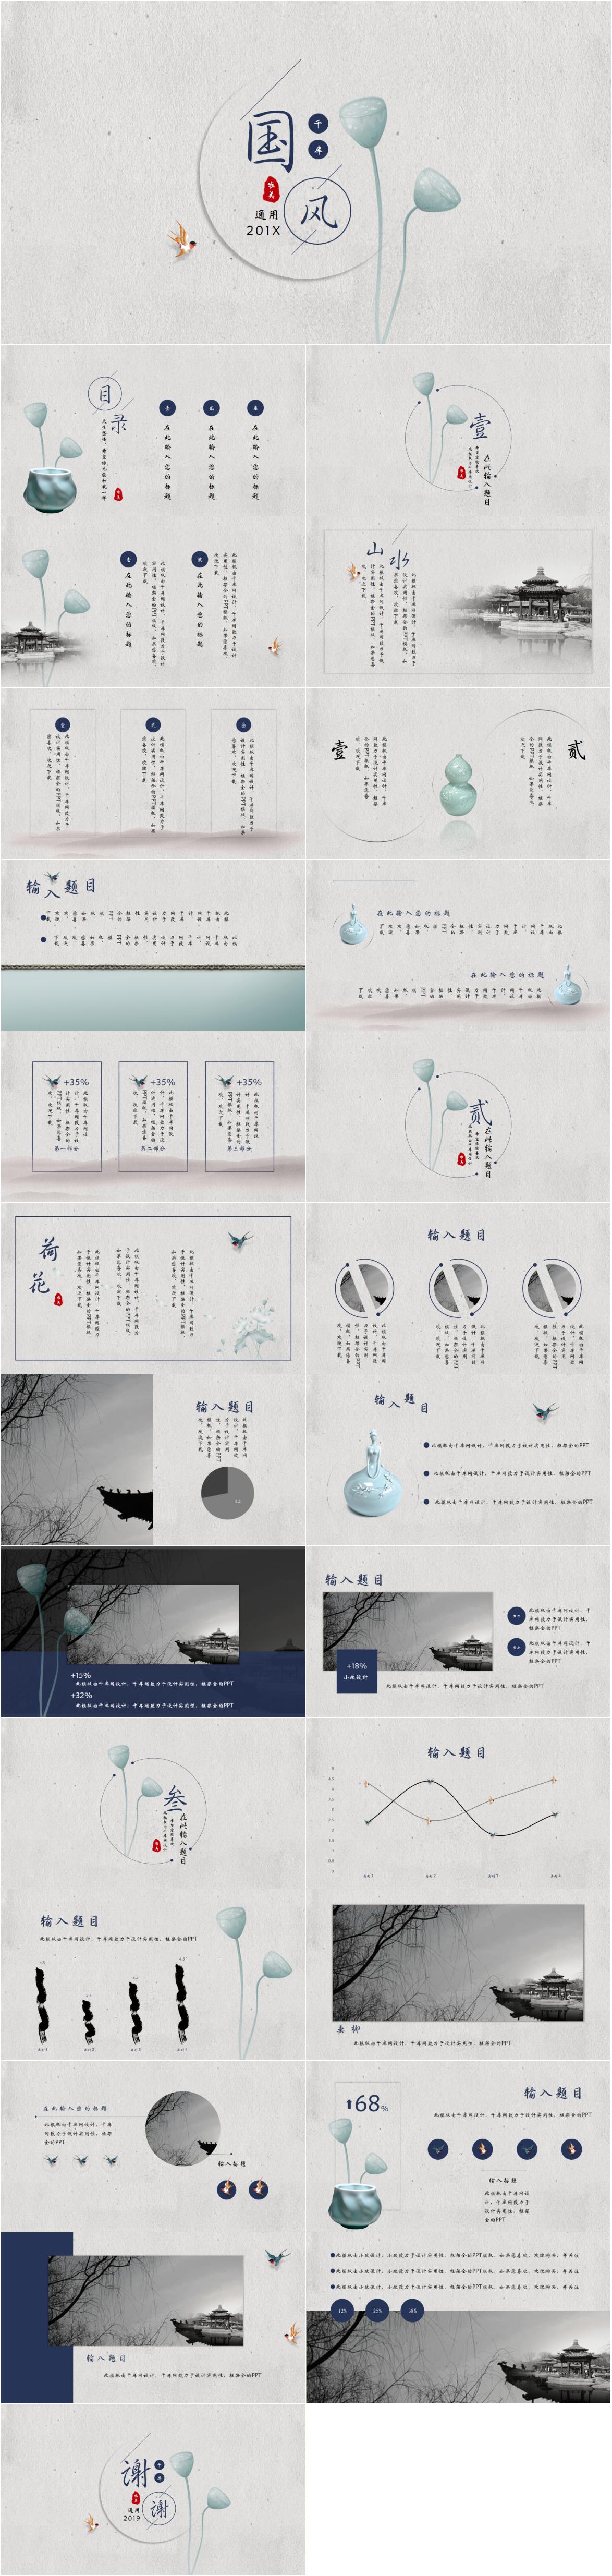 Increíble modelo de plan de viento limpio chino loto keynote para ...